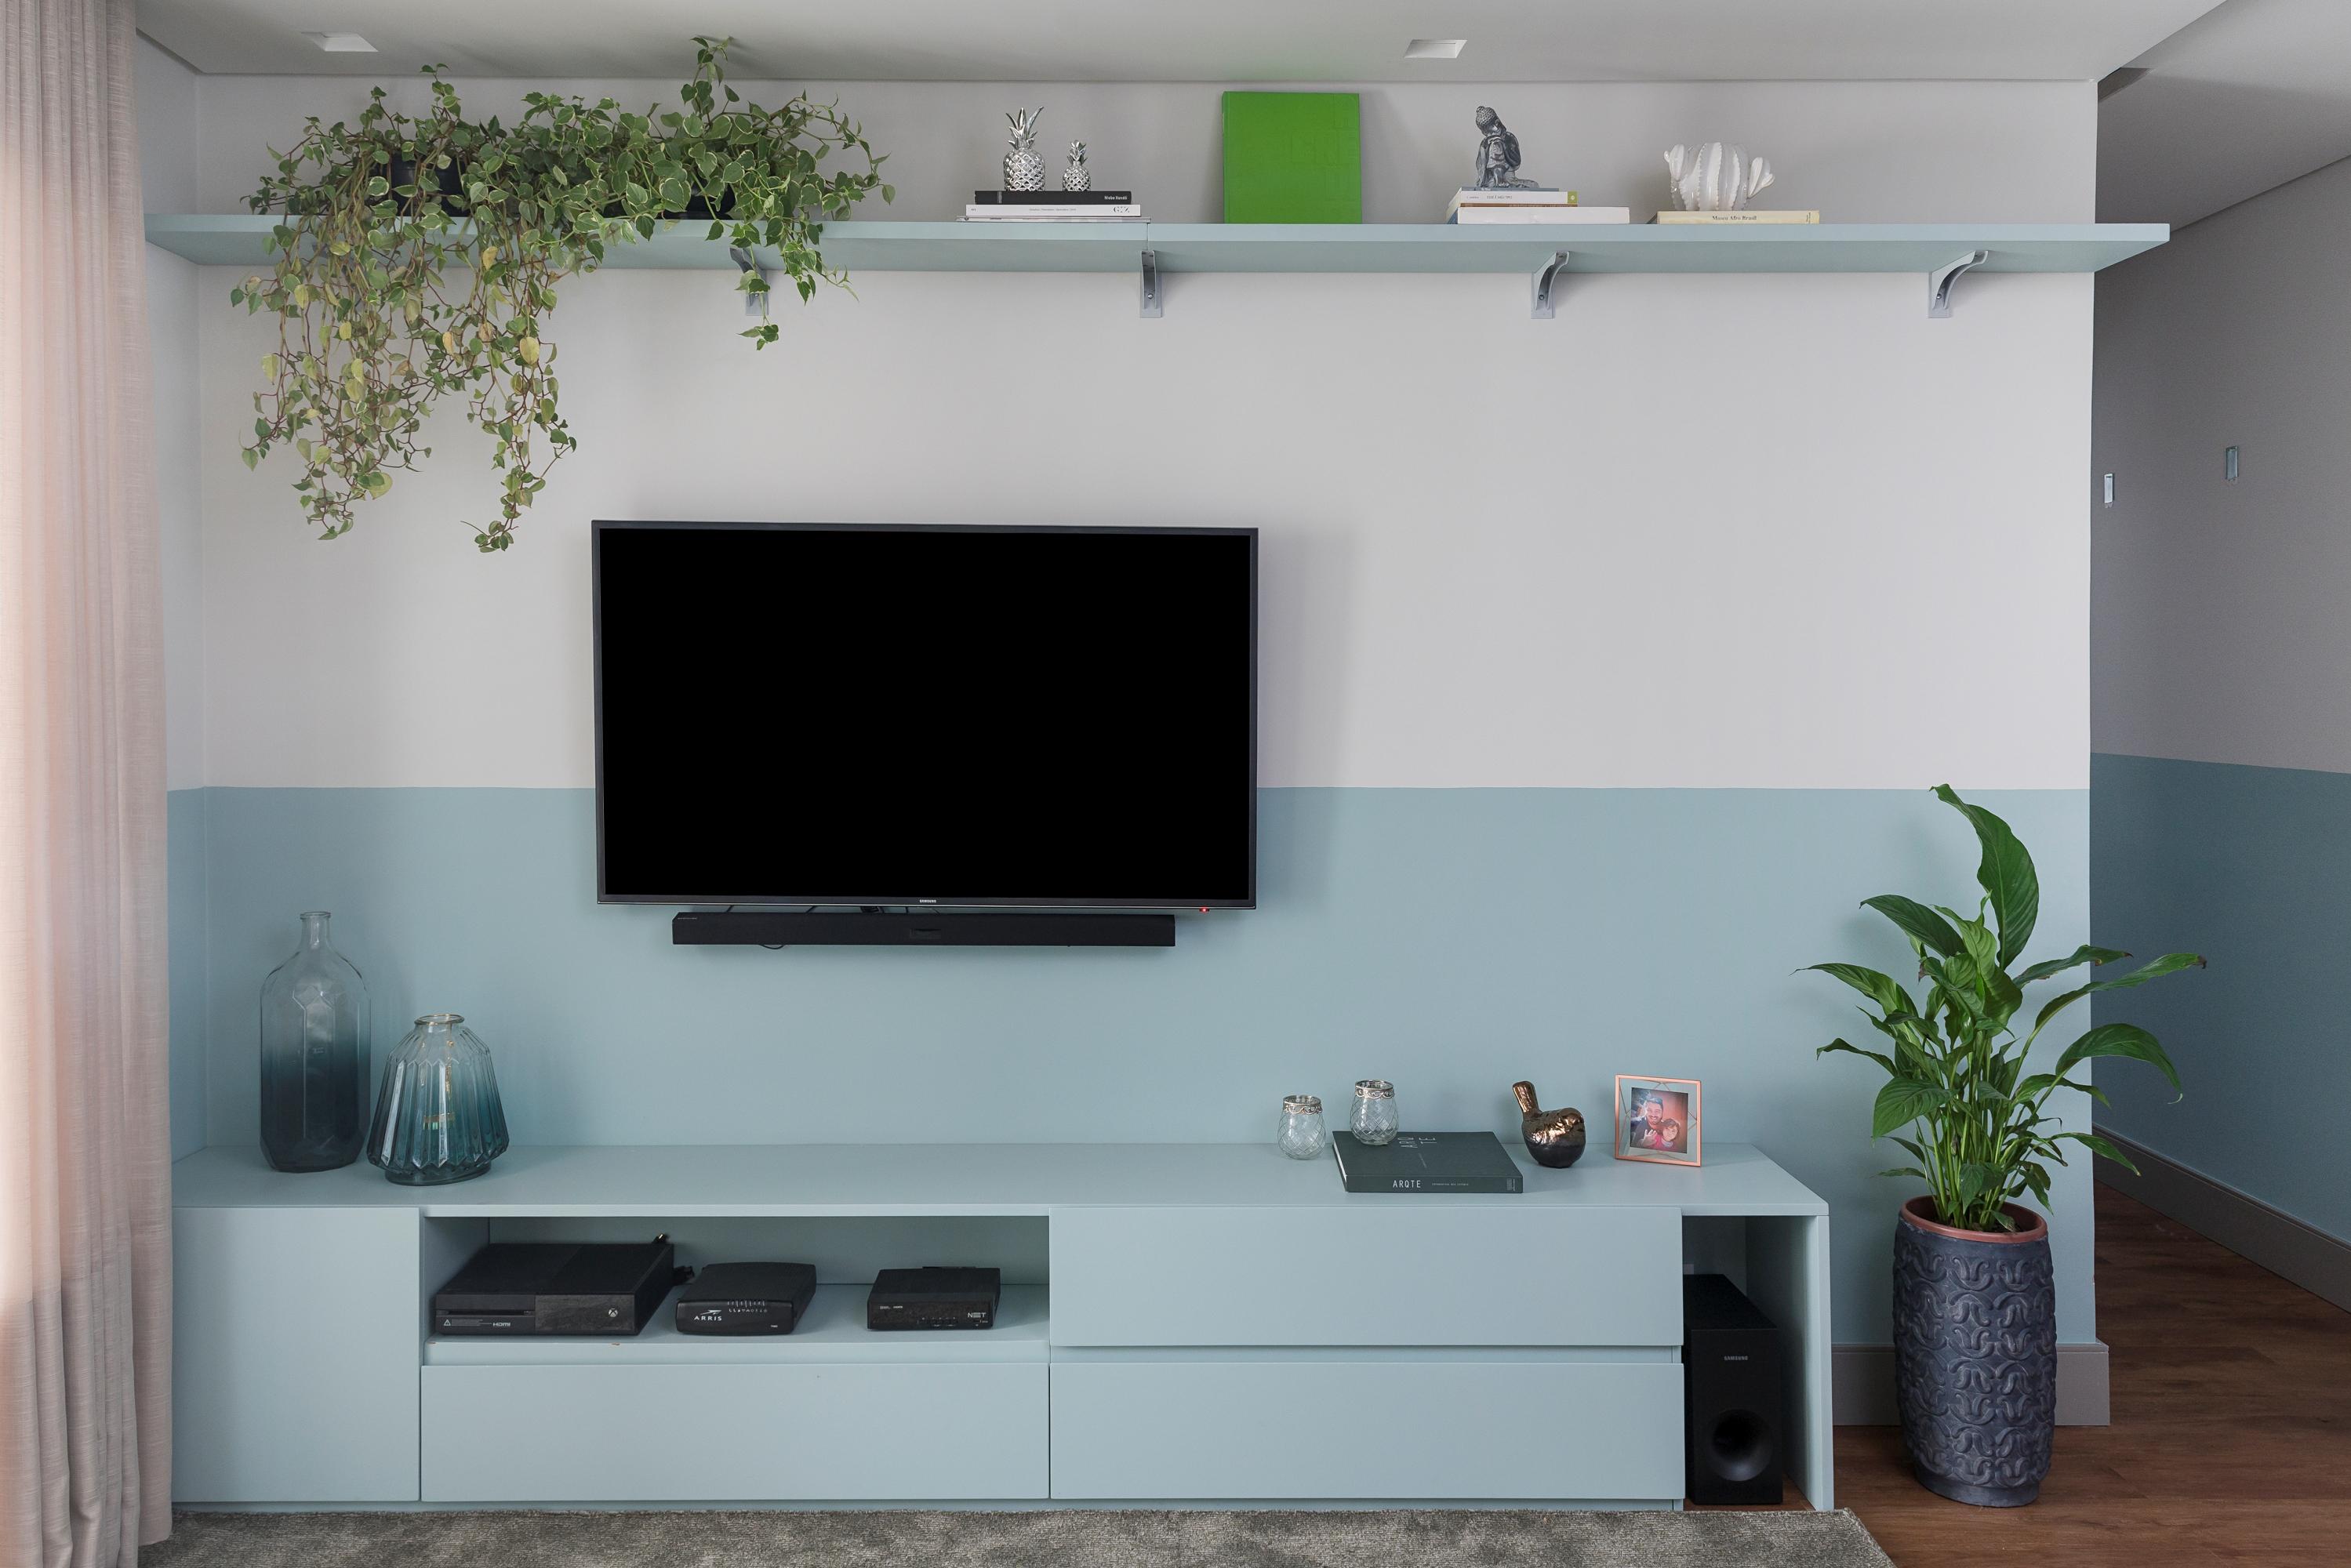 apê uvva meia parede azul